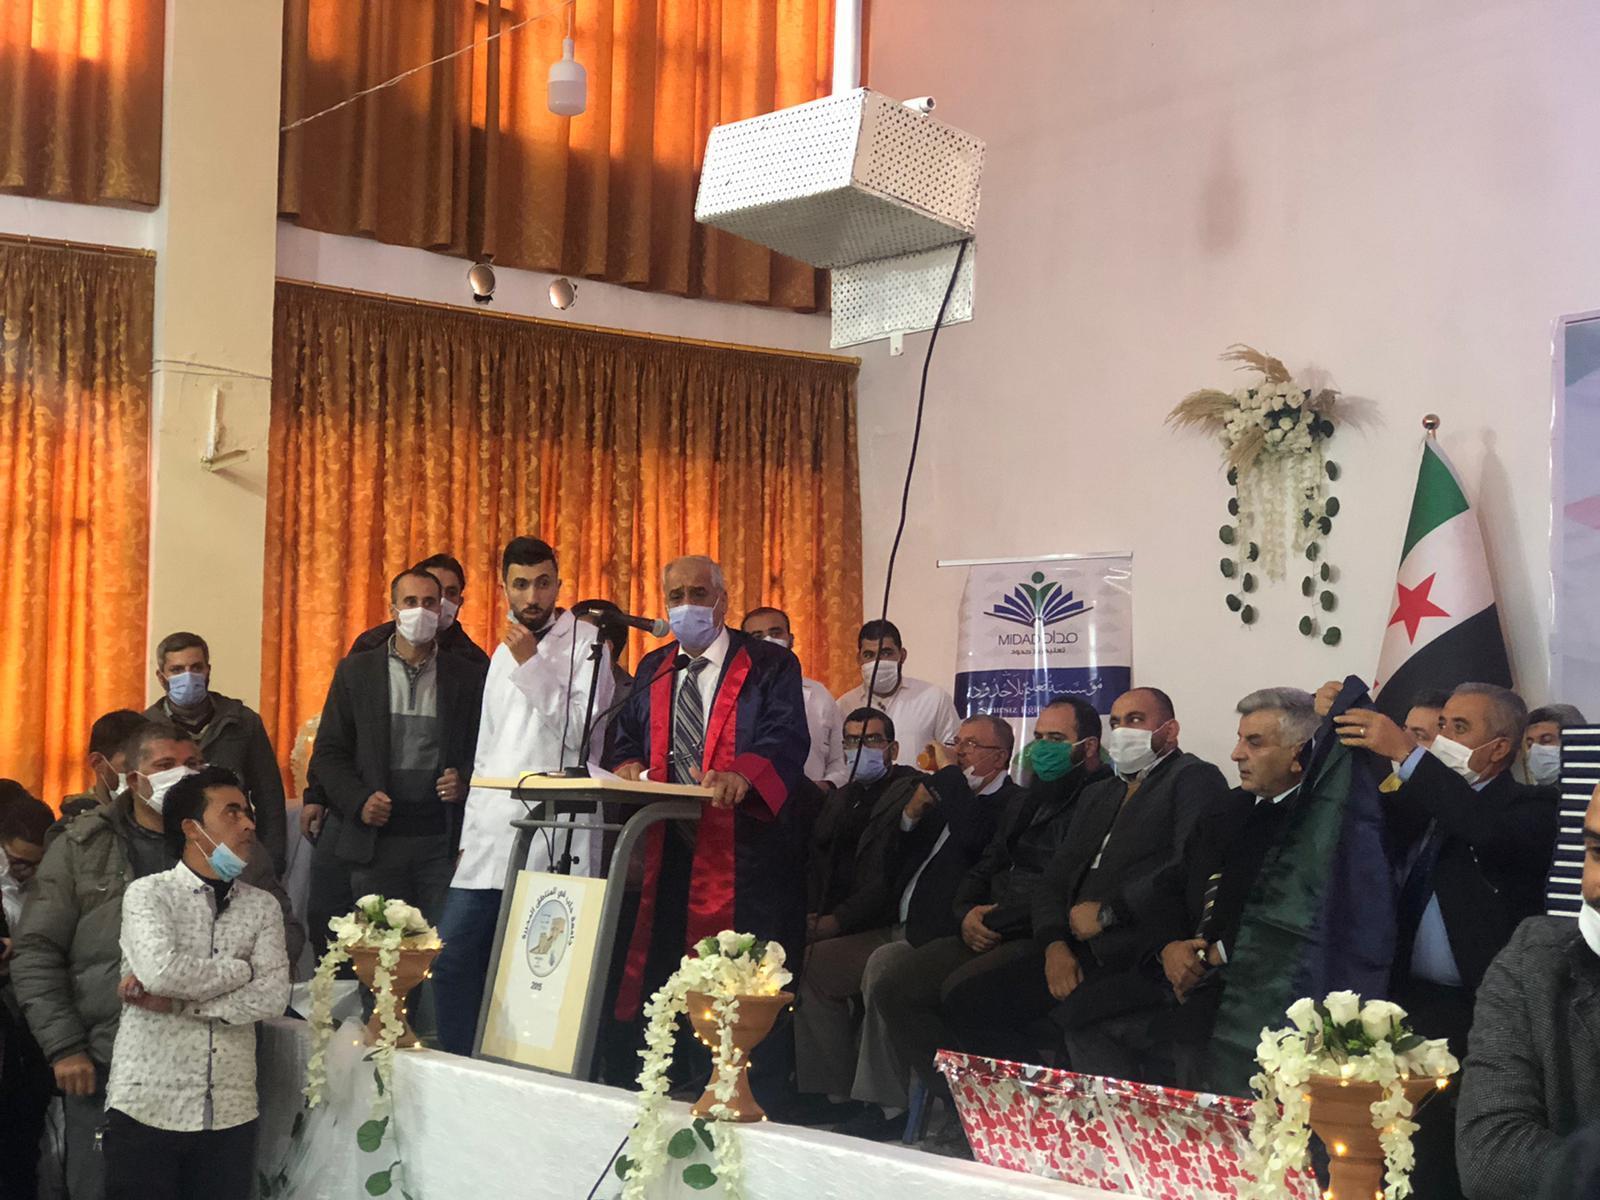 بحضور رسمي تخريج الدفعة الاولى لطلاب كلية الطب في جامعة حلب الحرة